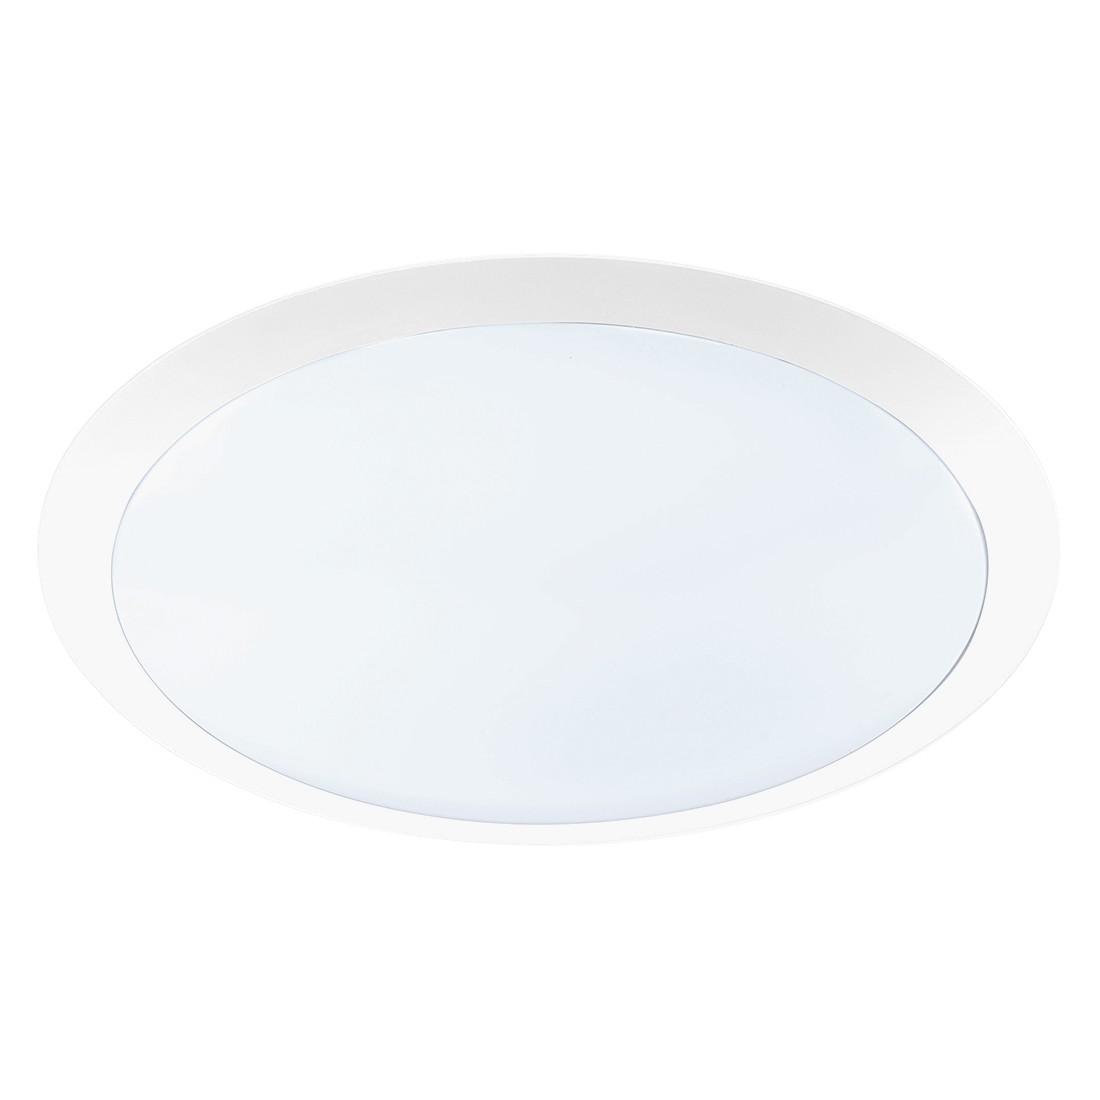 LED-Deckenleuchte – Weiß – 1×25 W, Trio günstig